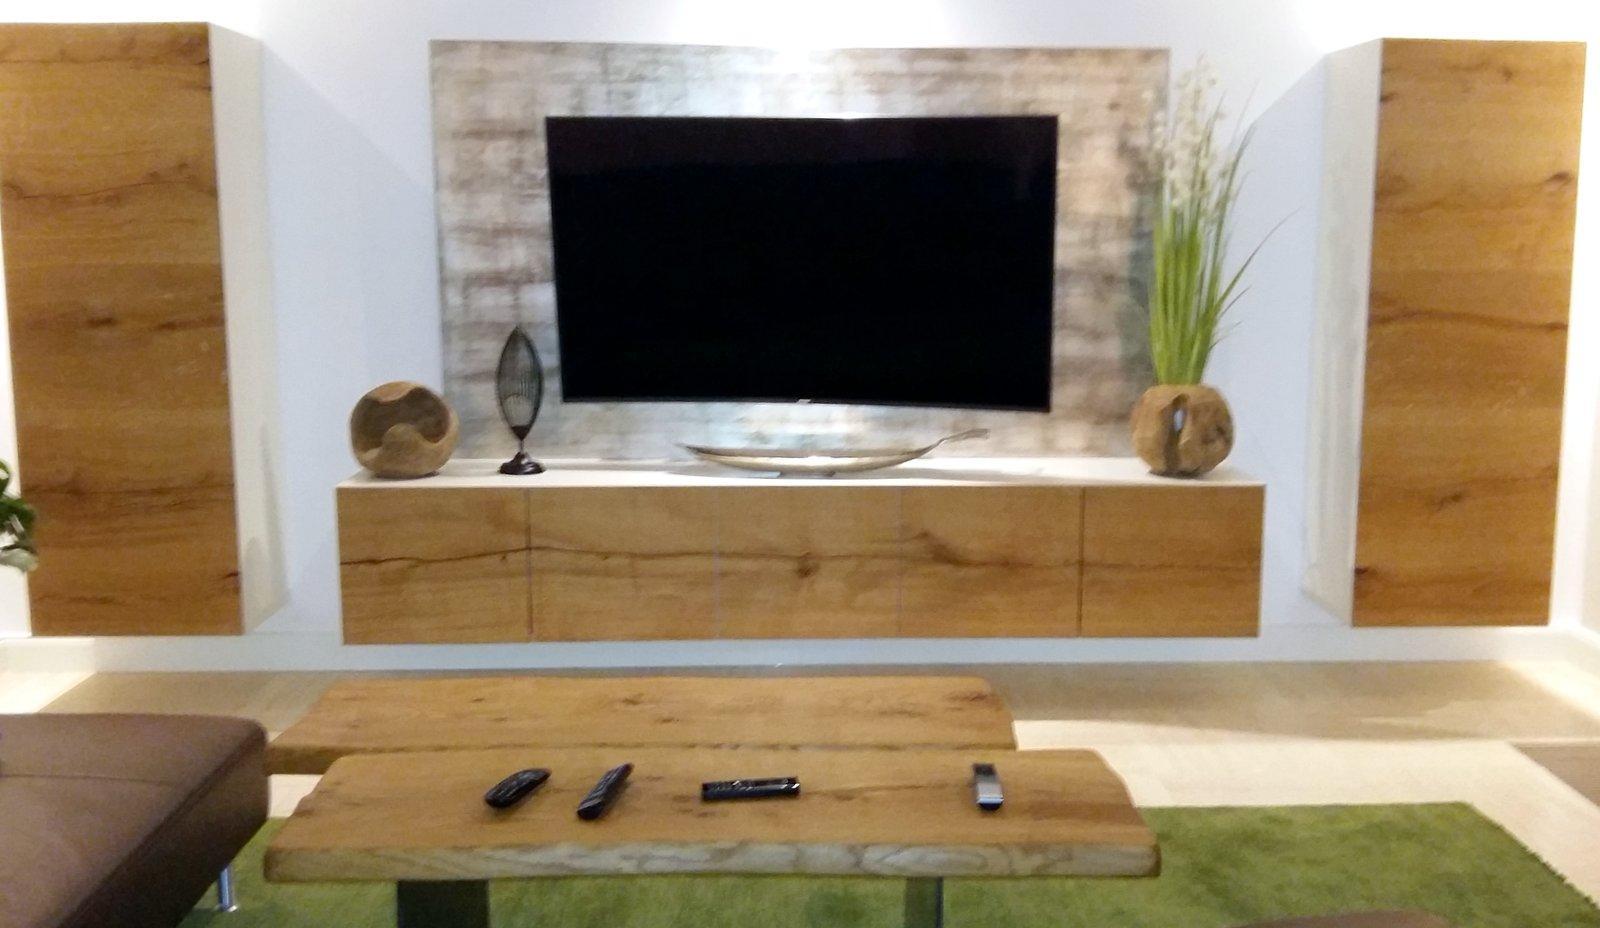 Wohnzimmer-TV Board aus Eiche, moderne TV-Rückwand m...